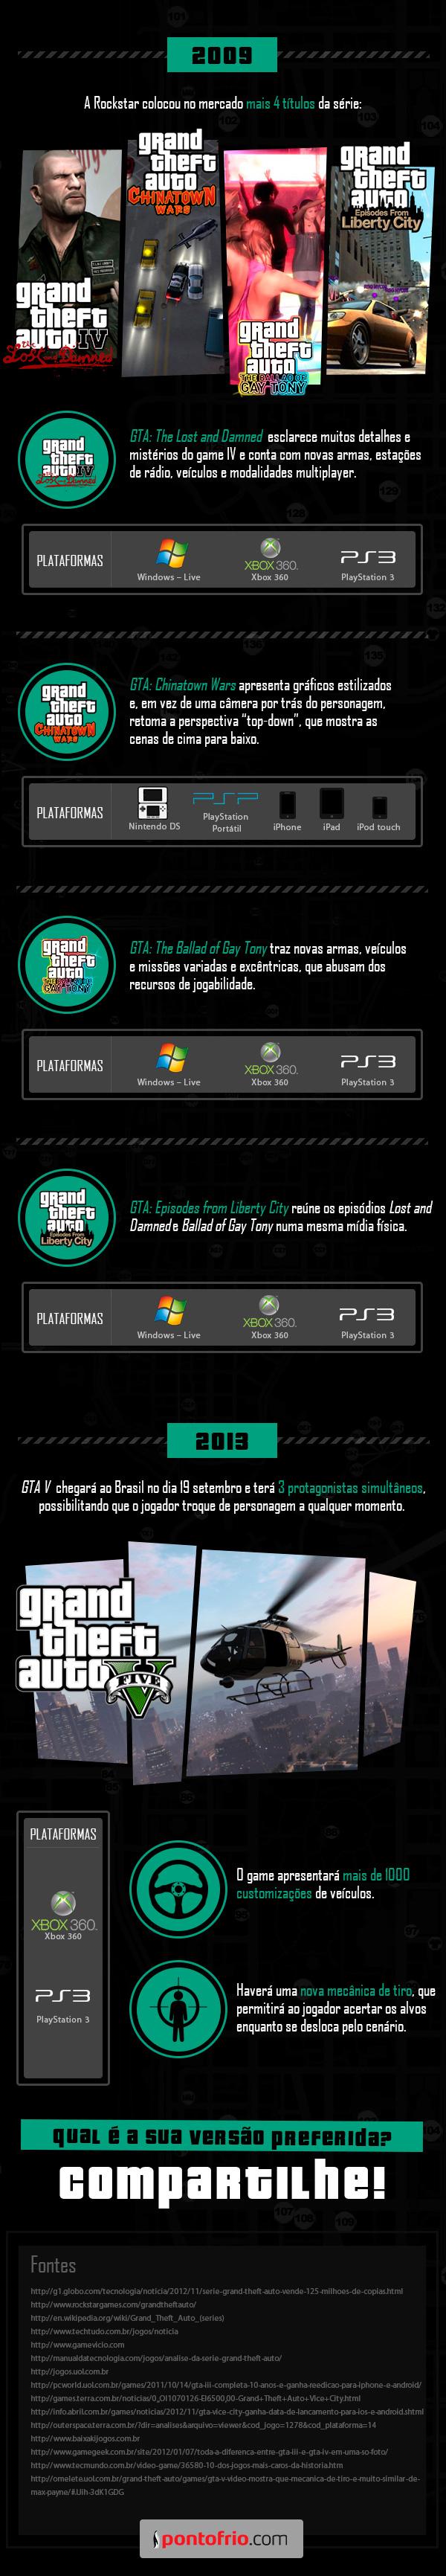 infografico-gta_04